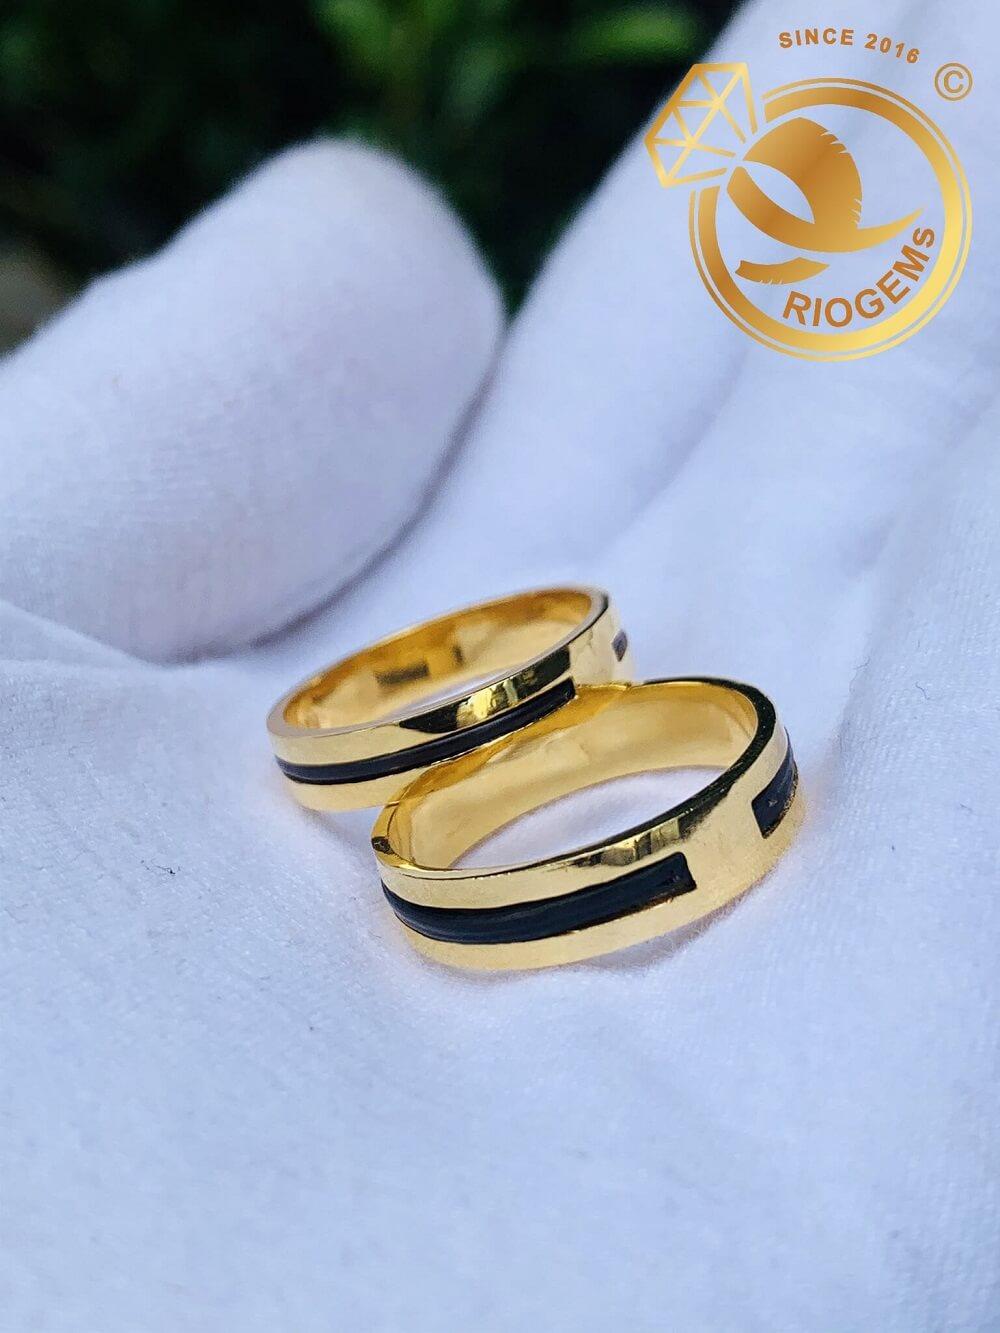 Cặp nhẫn lông voi 1 sợi làm tay vàng 18K tinh xảo